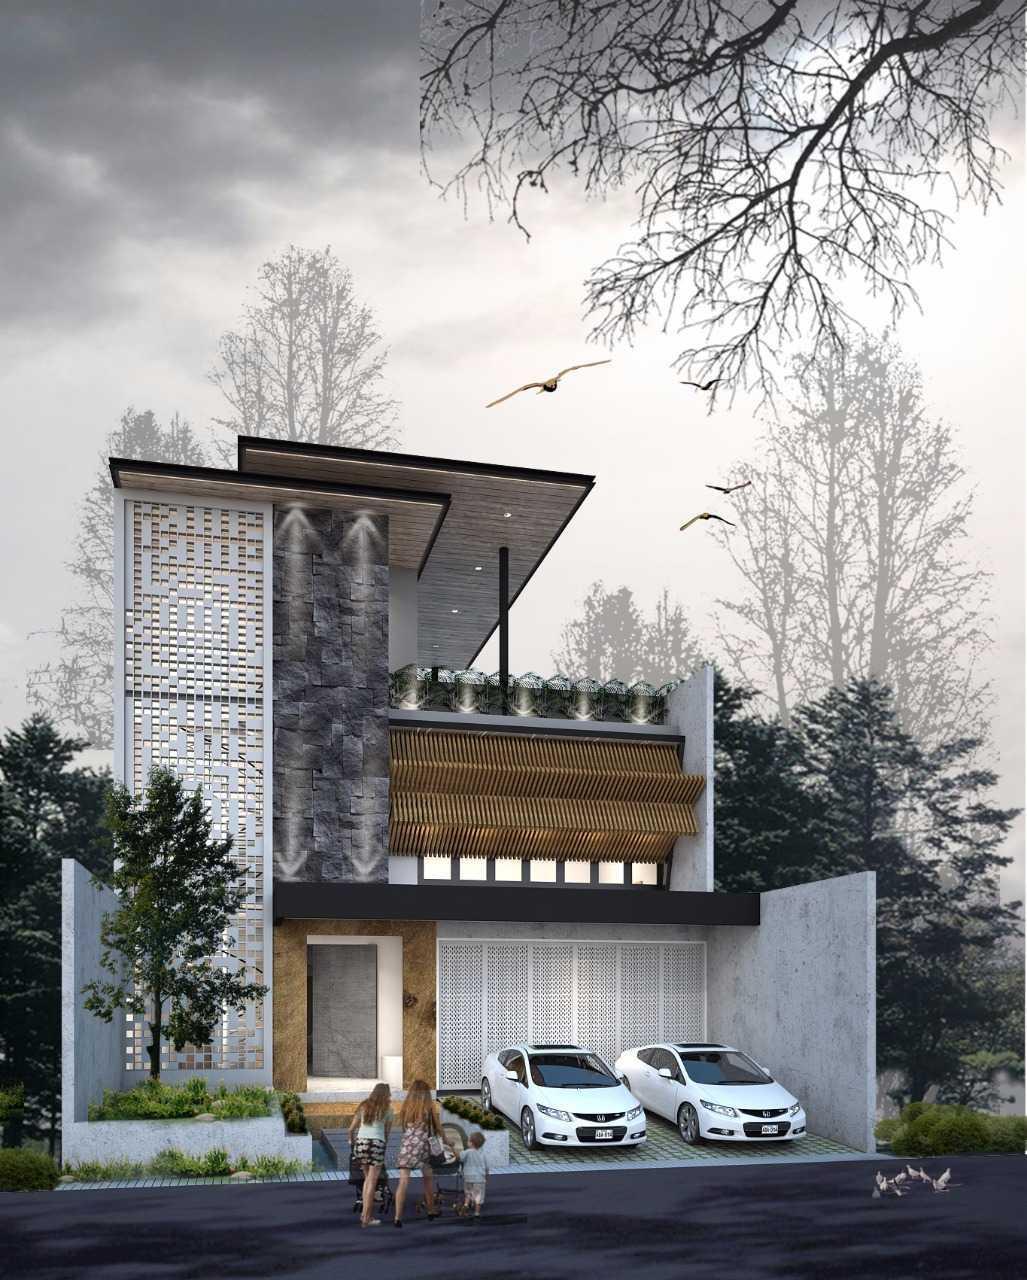 Archid Design&build Jg Residence Kec. Kembangan, Kota Jakarta Barat, Daerah Khusus Ibukota Jakarta, Indonesia Kec. Kembangan, Kota Jakarta Barat, Daerah Khusus Ibukota Jakarta, Indonesia Archid-Design-Build-Jg-Residence  87843